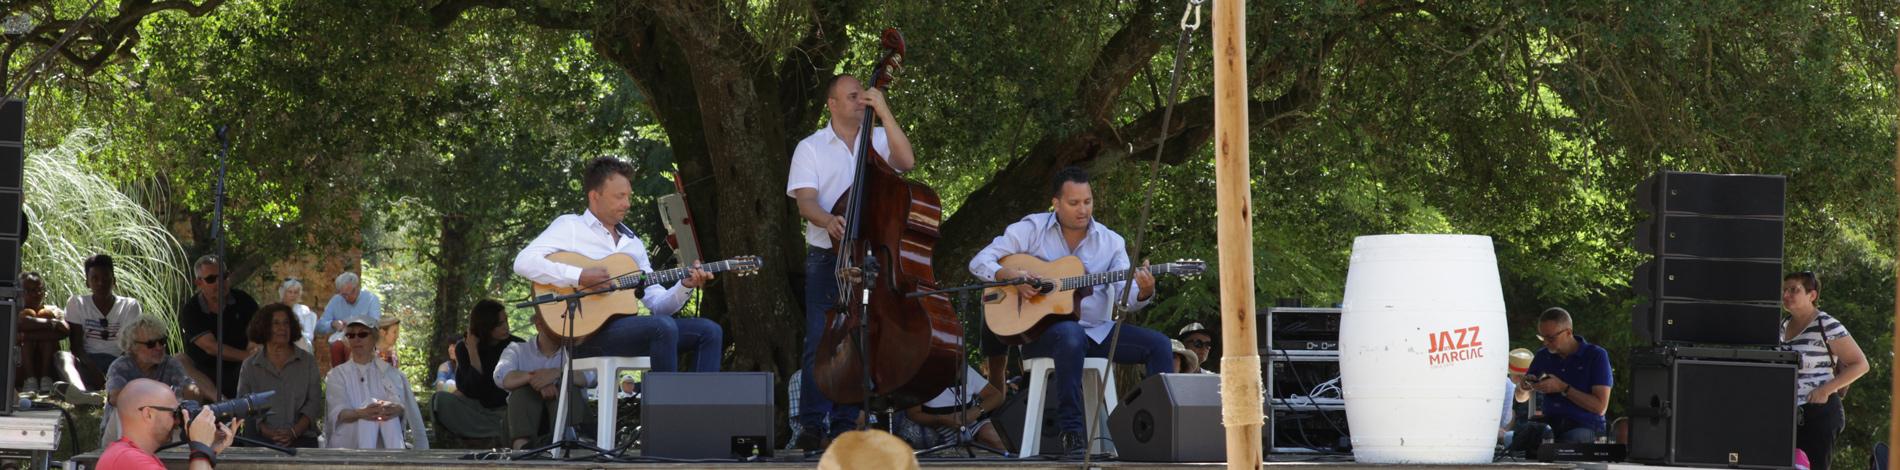 Jazz au Coeur de Saint Mont